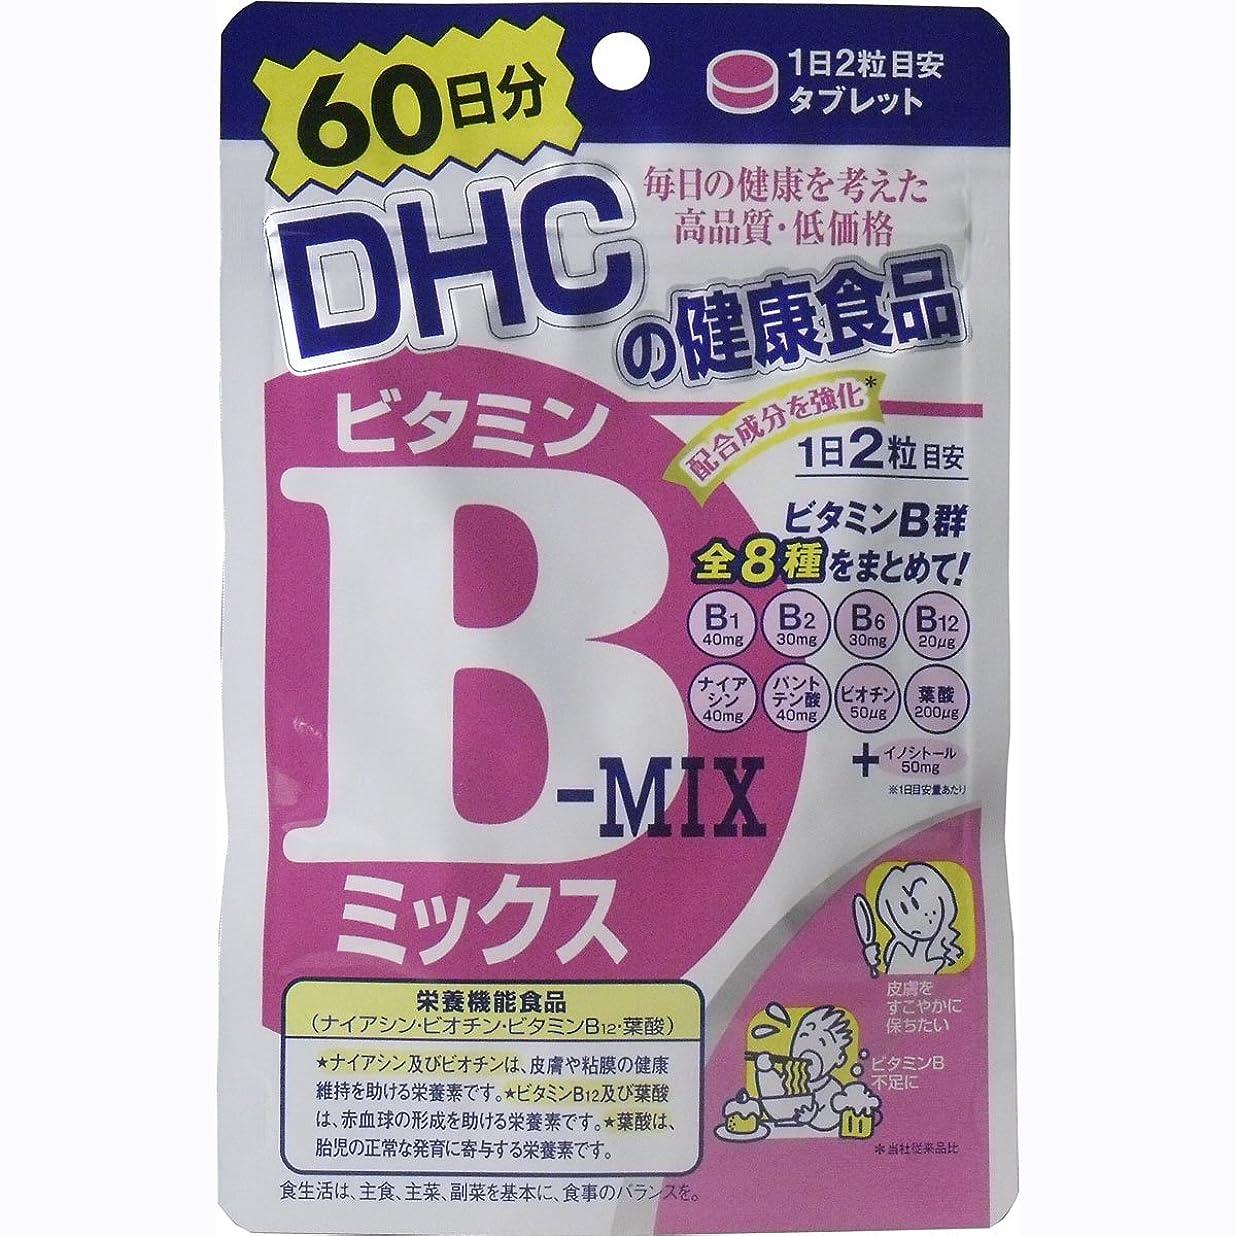 独立接ぎ木フォーマルDHC ビタミンBミックス 120粒 60日分 ×8個セット